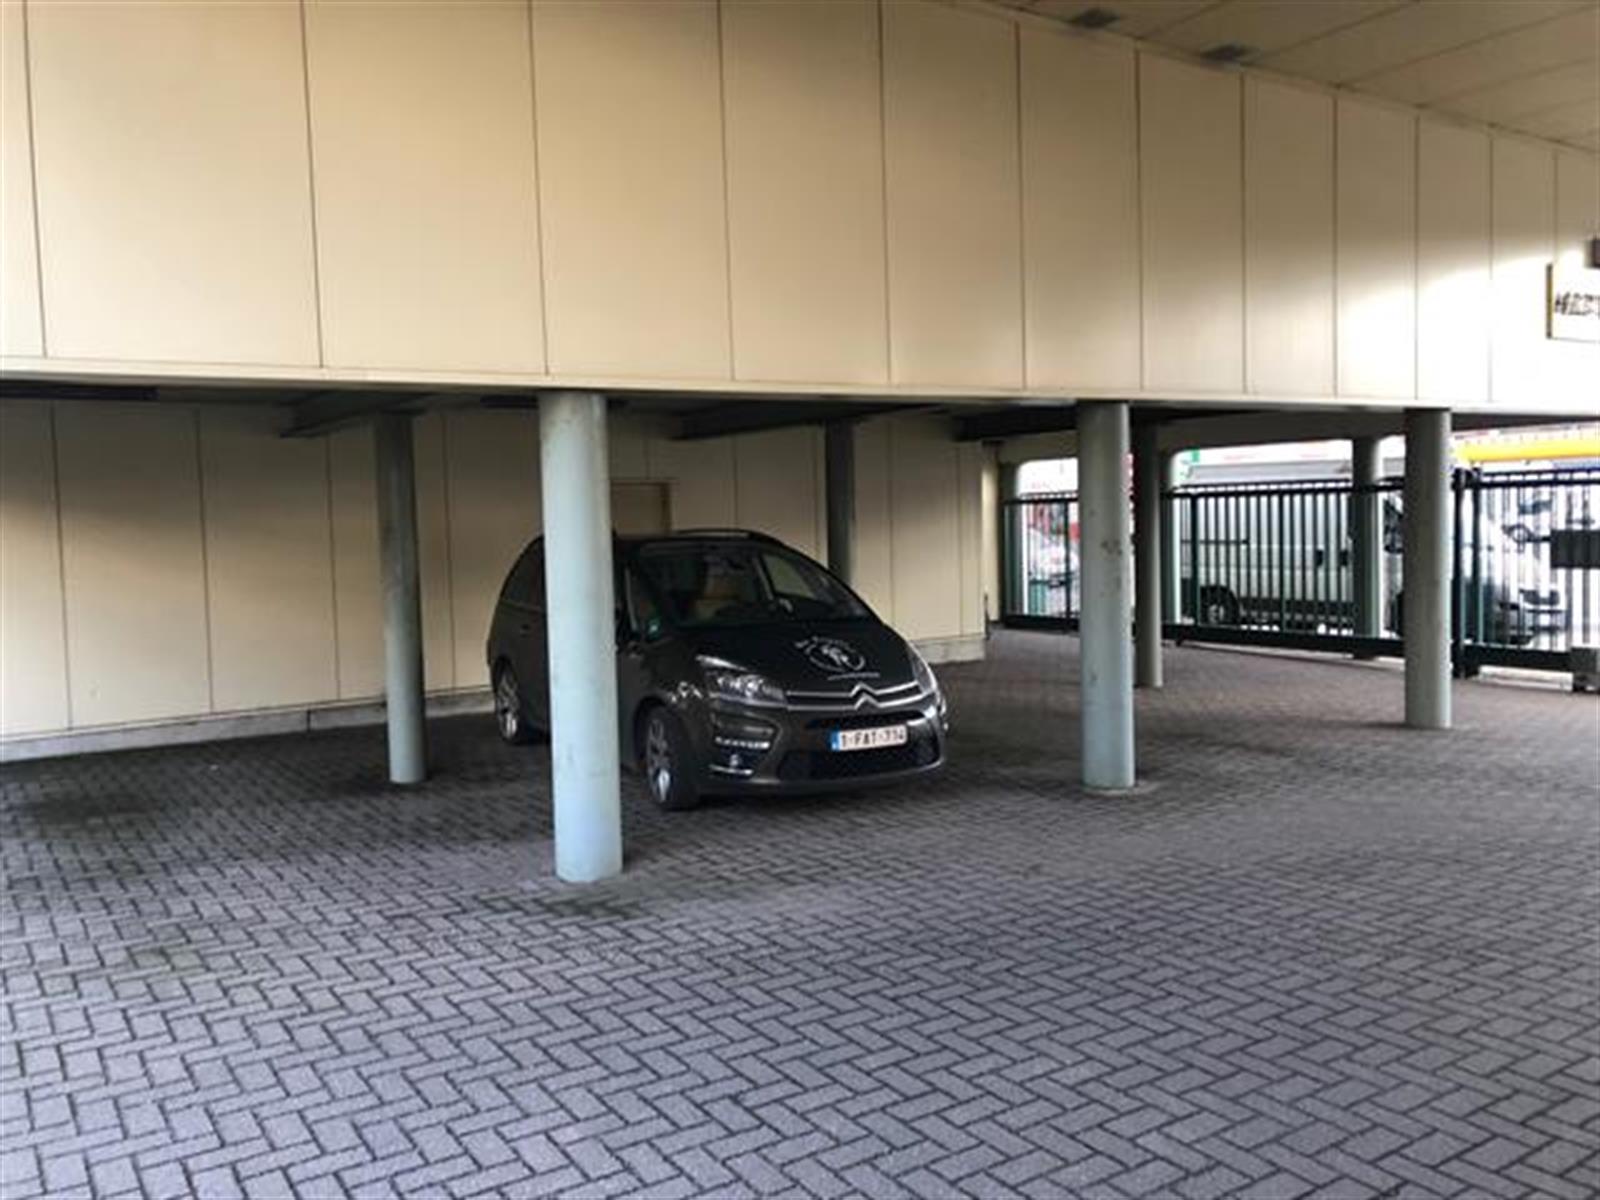 kantoren & magazijn te huur VV2004 - Kantoor en magazijnruimte - Autolei 273, 2160 Wommelgem, België 3